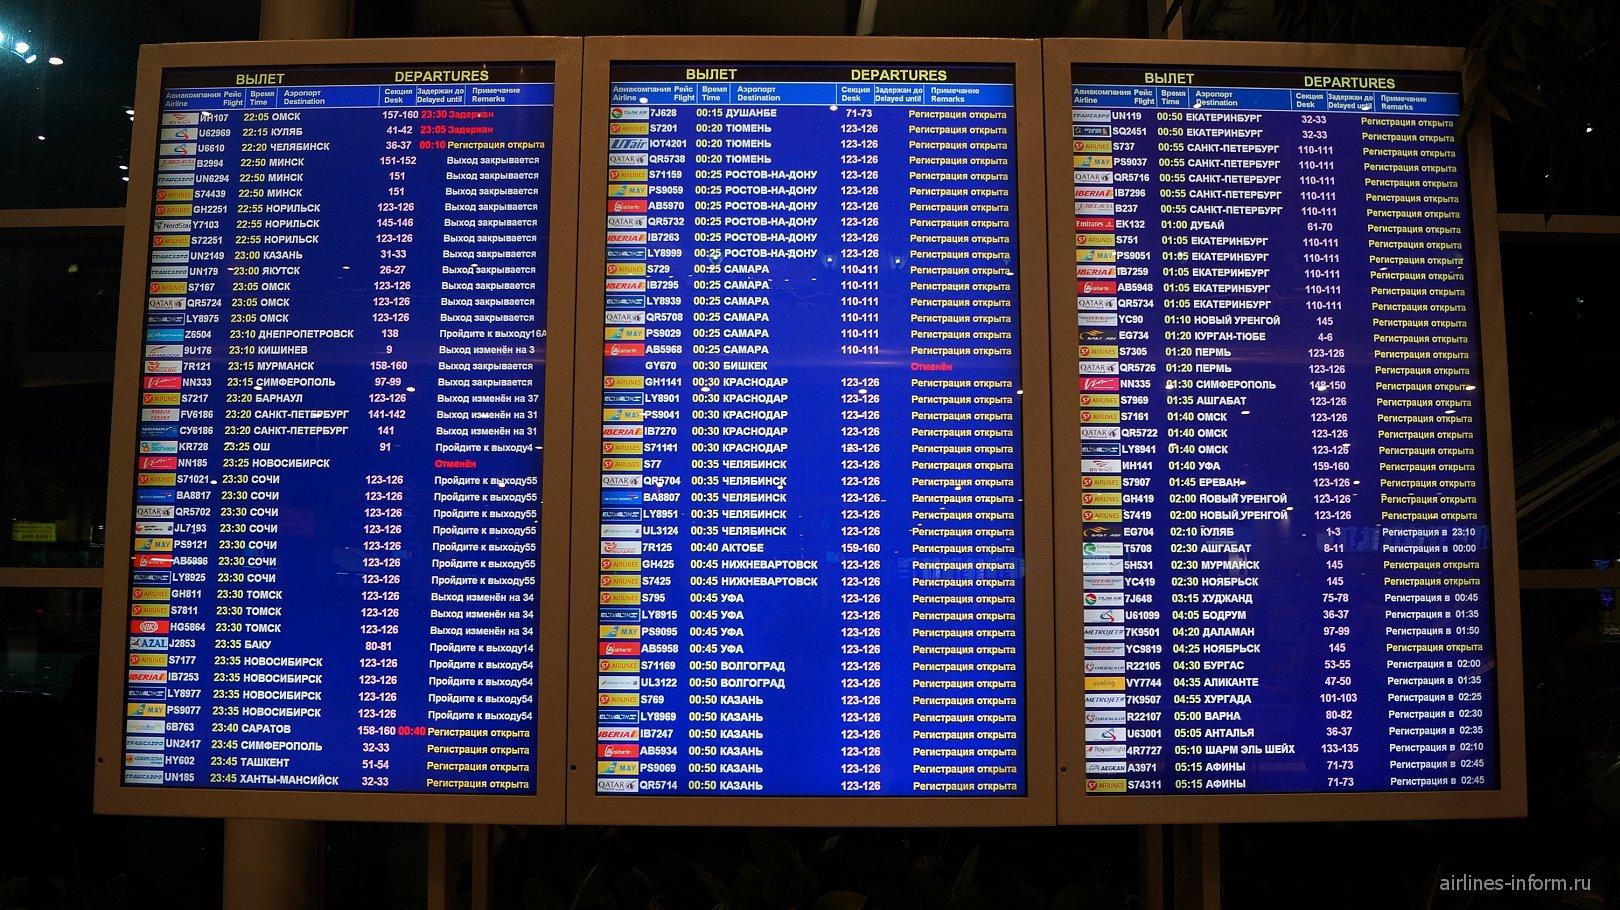 Аэропорт Домодедово расписание рейсов прилет вылет табло